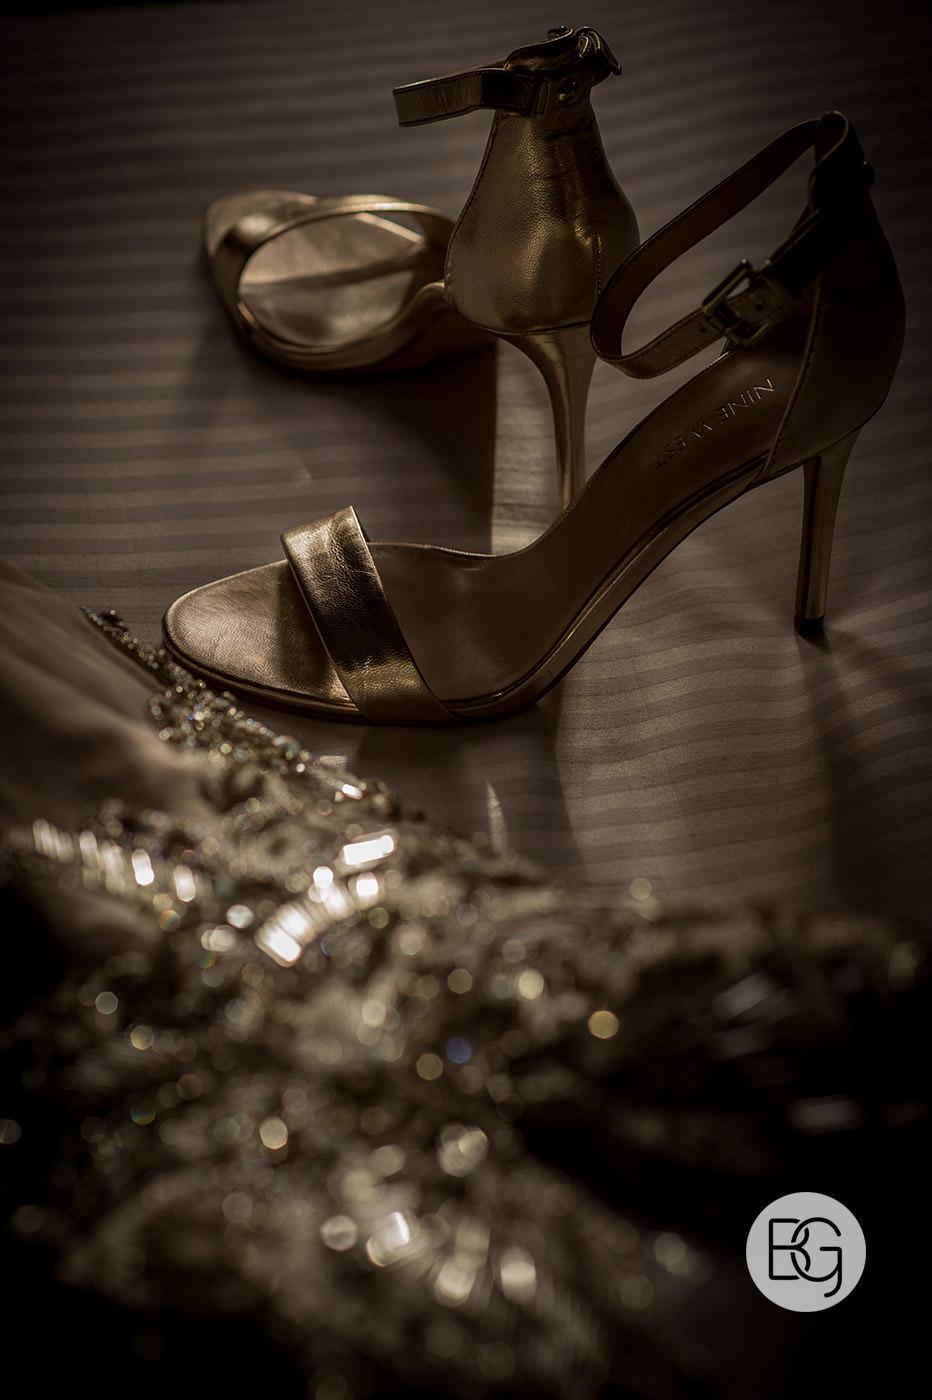 Best edmonton photographers for weddings details gold shoes bride